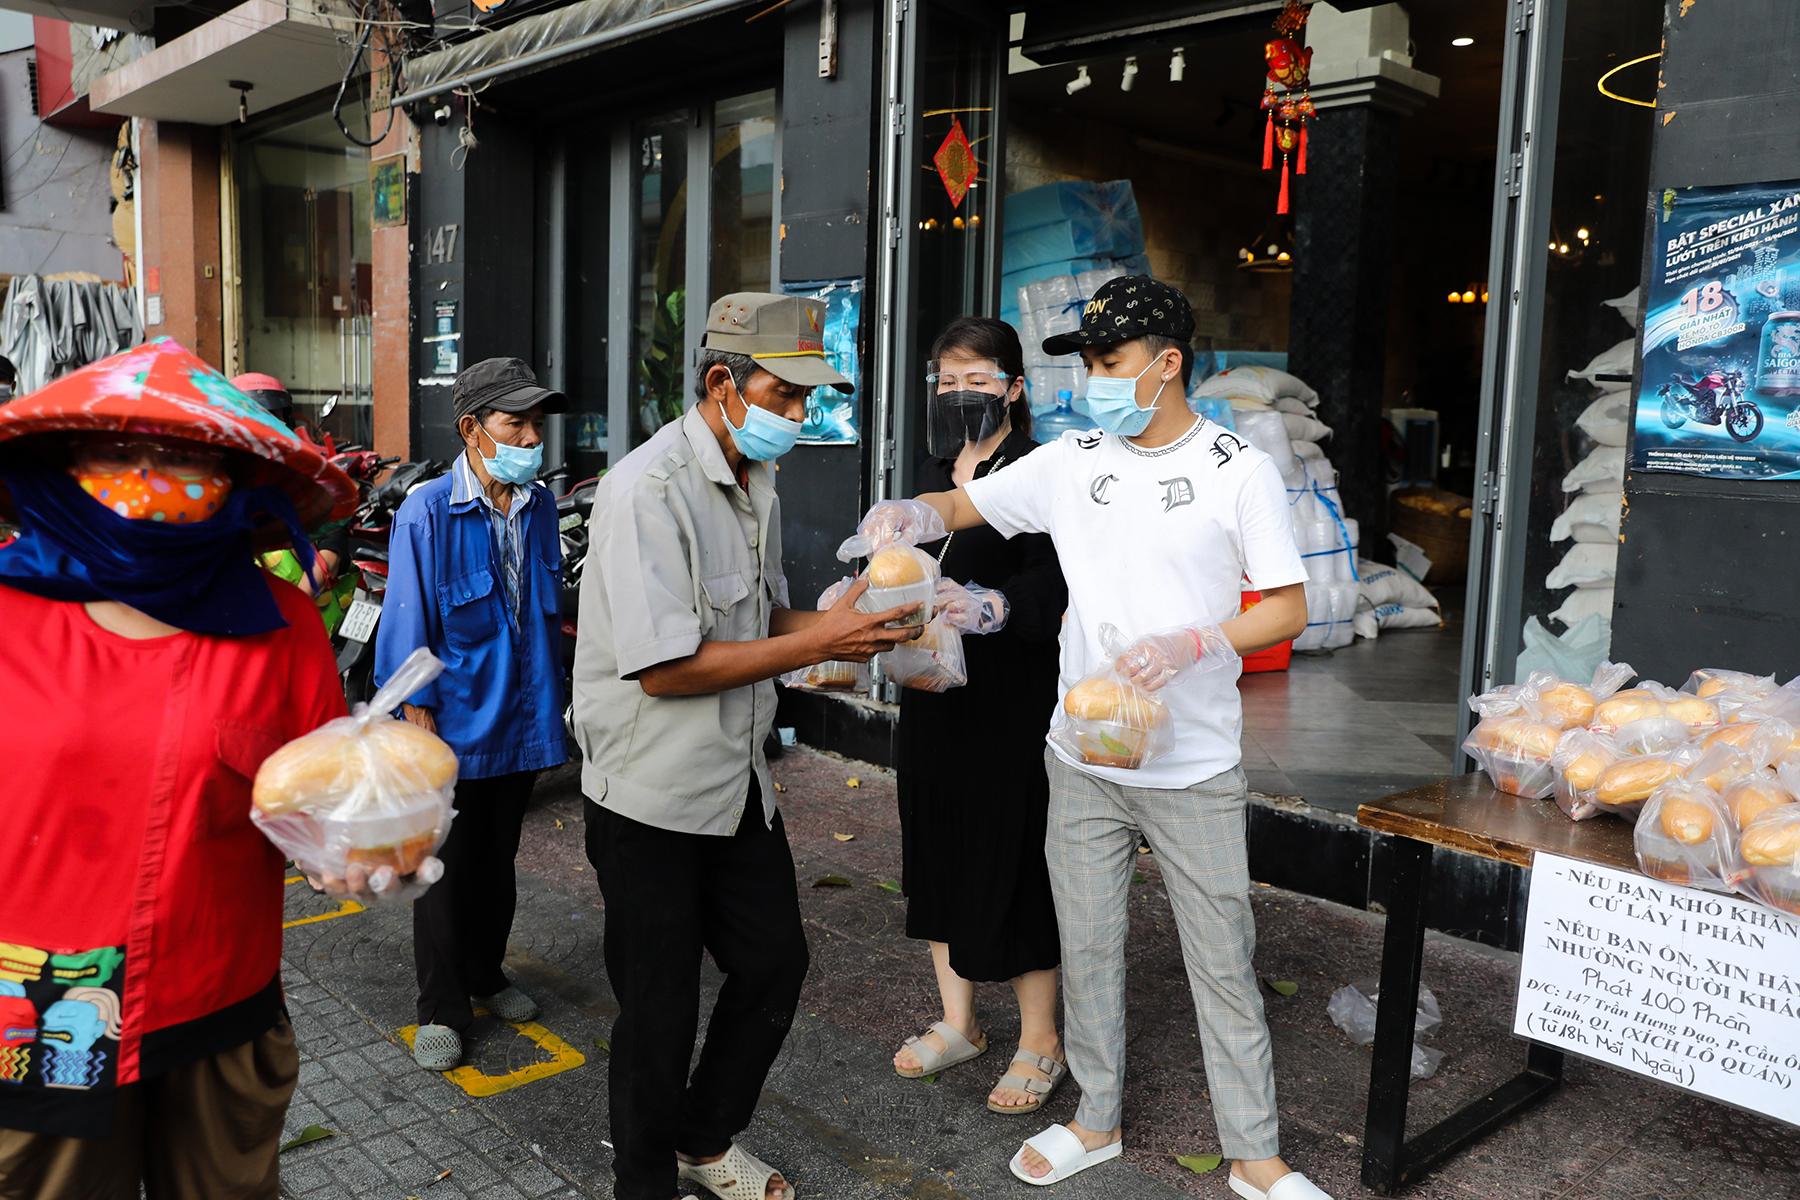 Chủ nhà hàng nấu 2.000 suất ăn miễn phí mỗi ngày cho lao động nghèo, khu phong toả ở Sài Gòn - 12